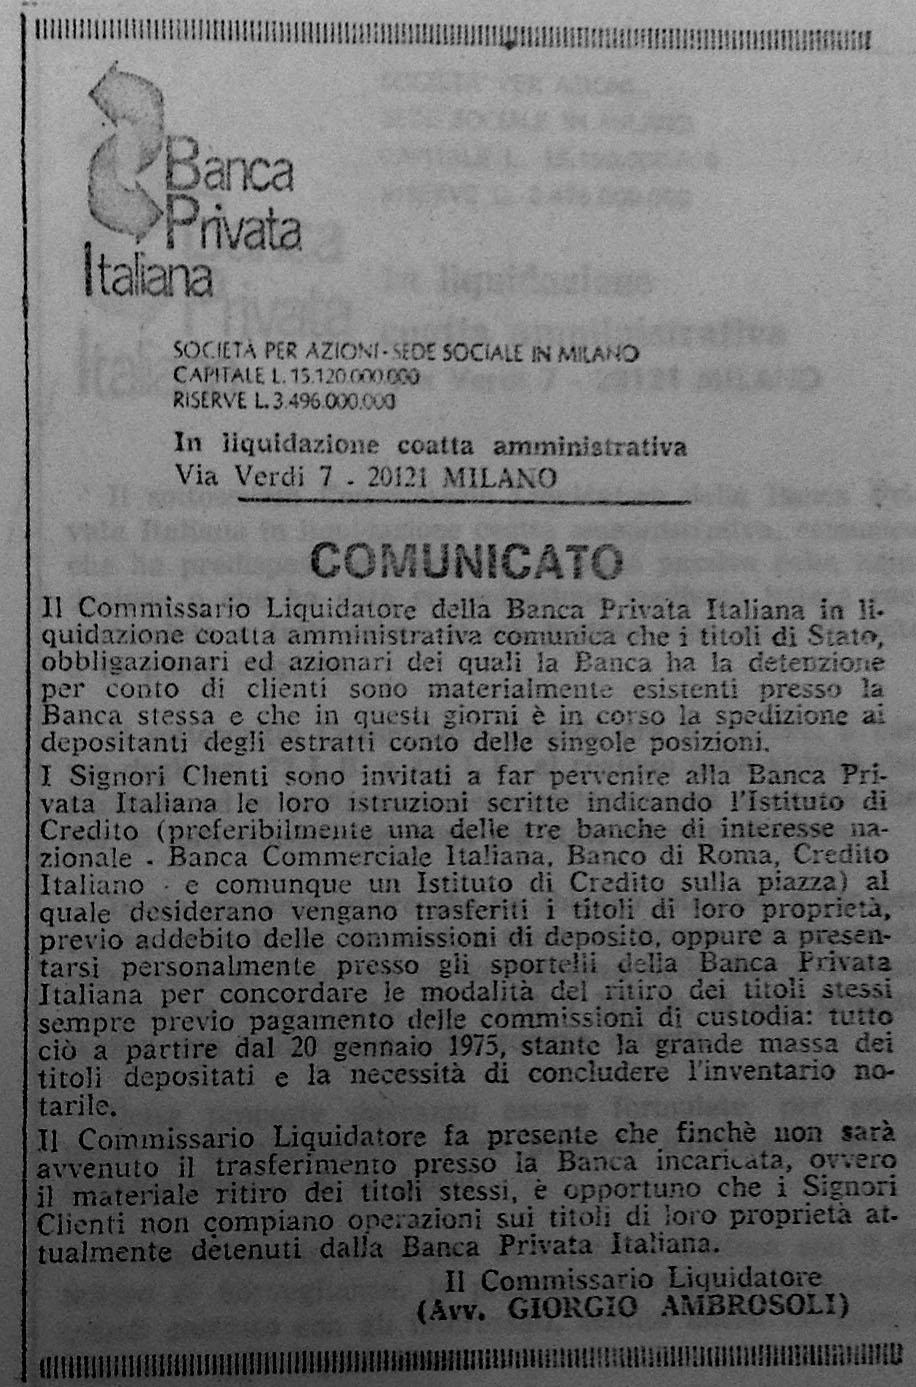 Comunicato per restituzione titoli (Il Sole 24 ore, 21/12/1974).